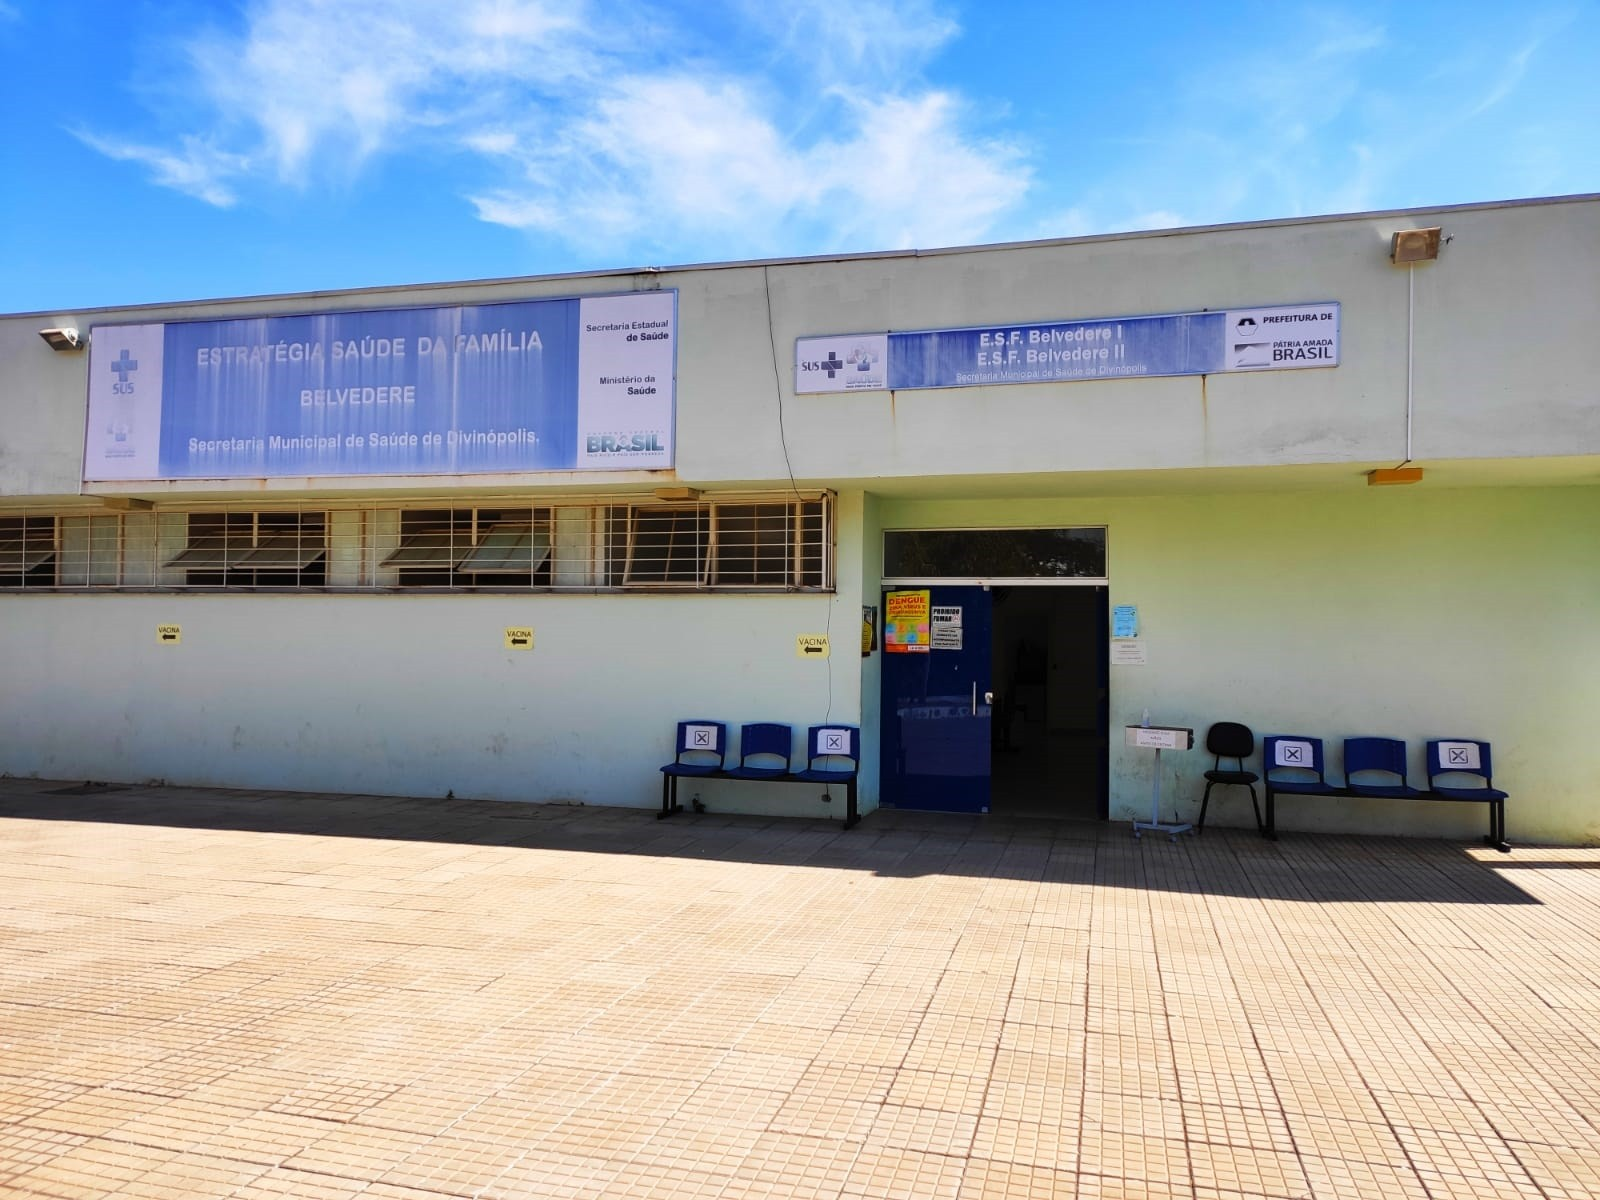 Estratégia Saúde da Família Belvedere atende no sábado em Divinópolis